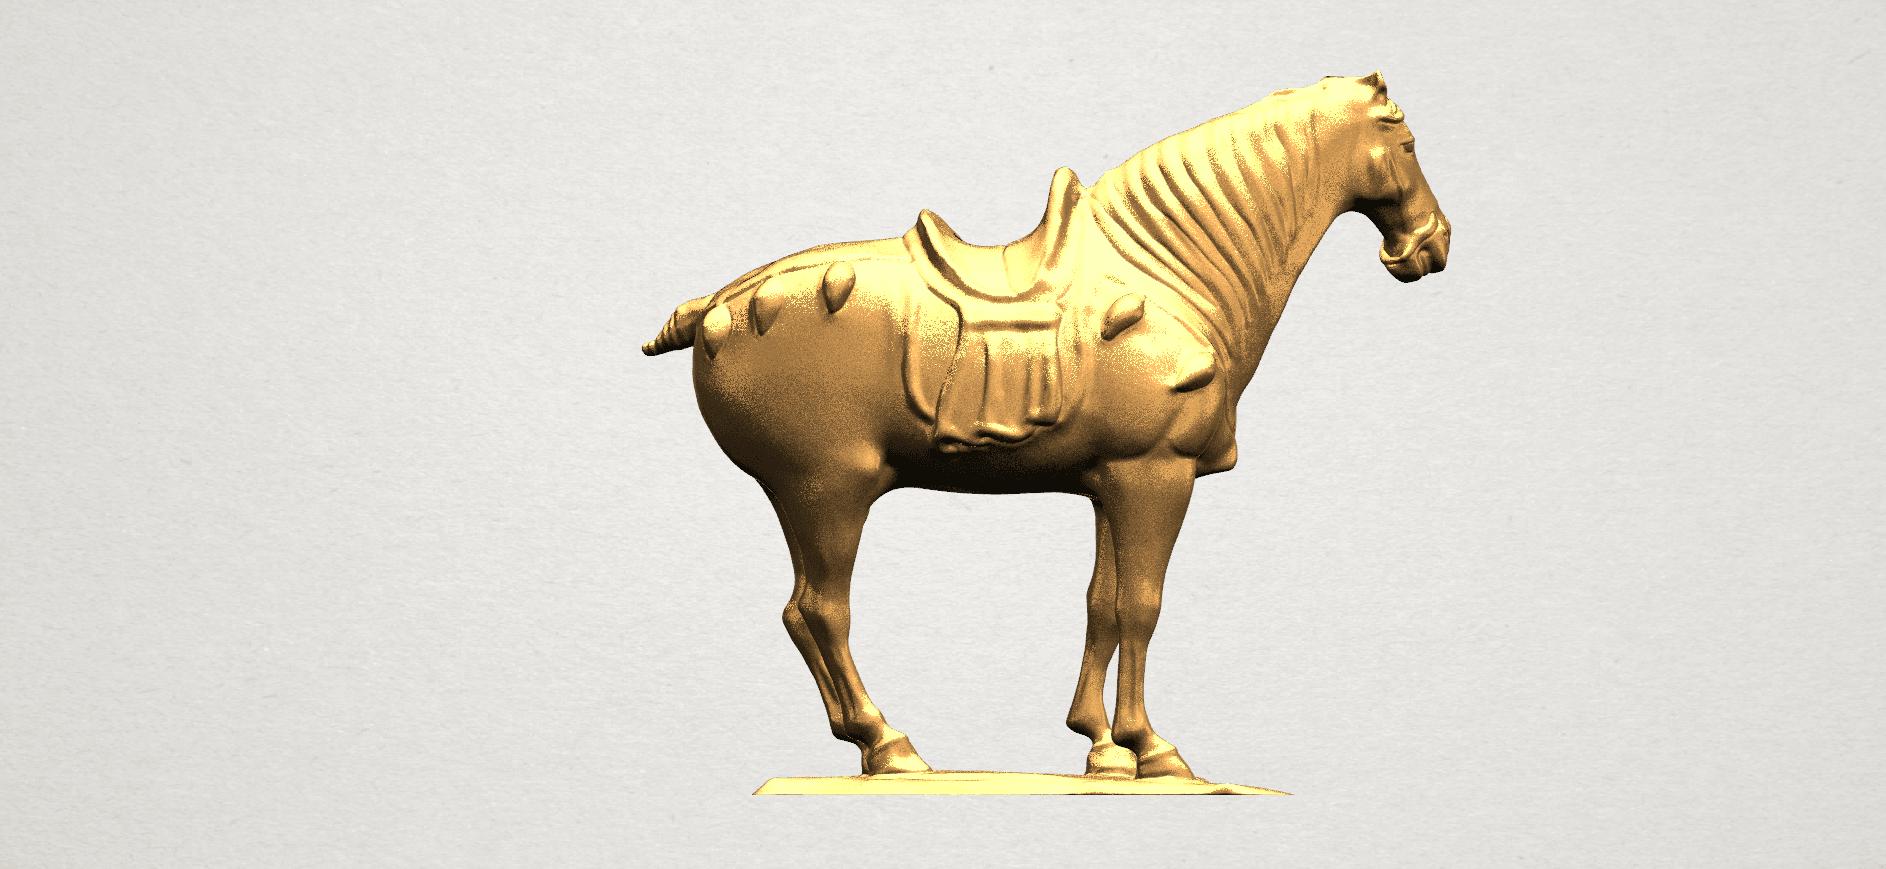 Horse (iv) A05.png Télécharger fichier STL gratuit Cheval 04 • Design à imprimer en 3D, GeorgesNikkei